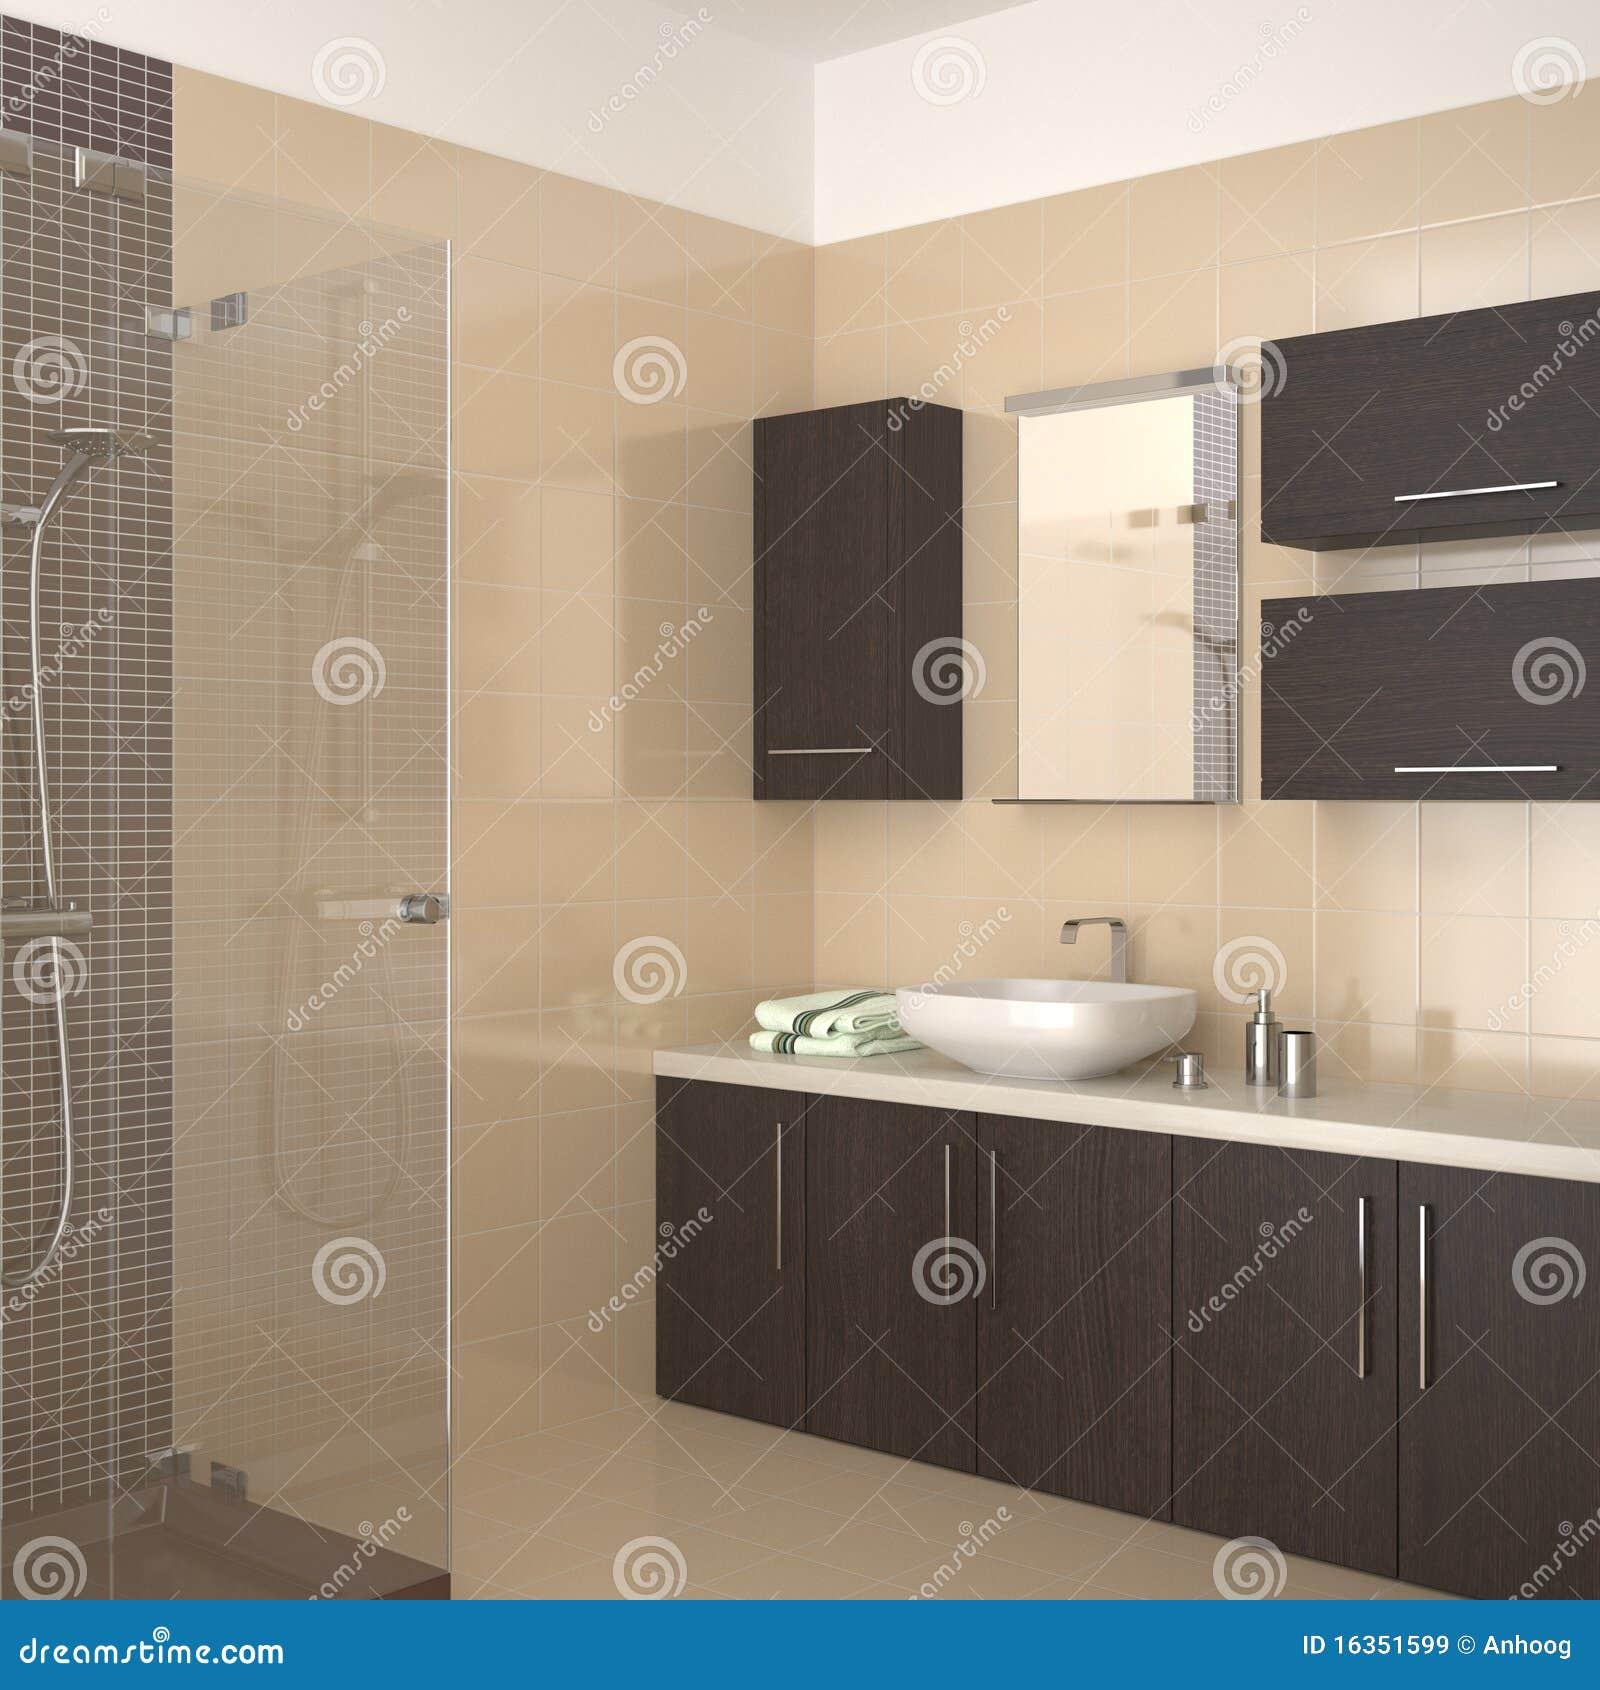 Banheiro Moderno Com Equipamento De Madeira Escuro Imagens de Stock Royalty F -> Banheiro Moderno Madeira